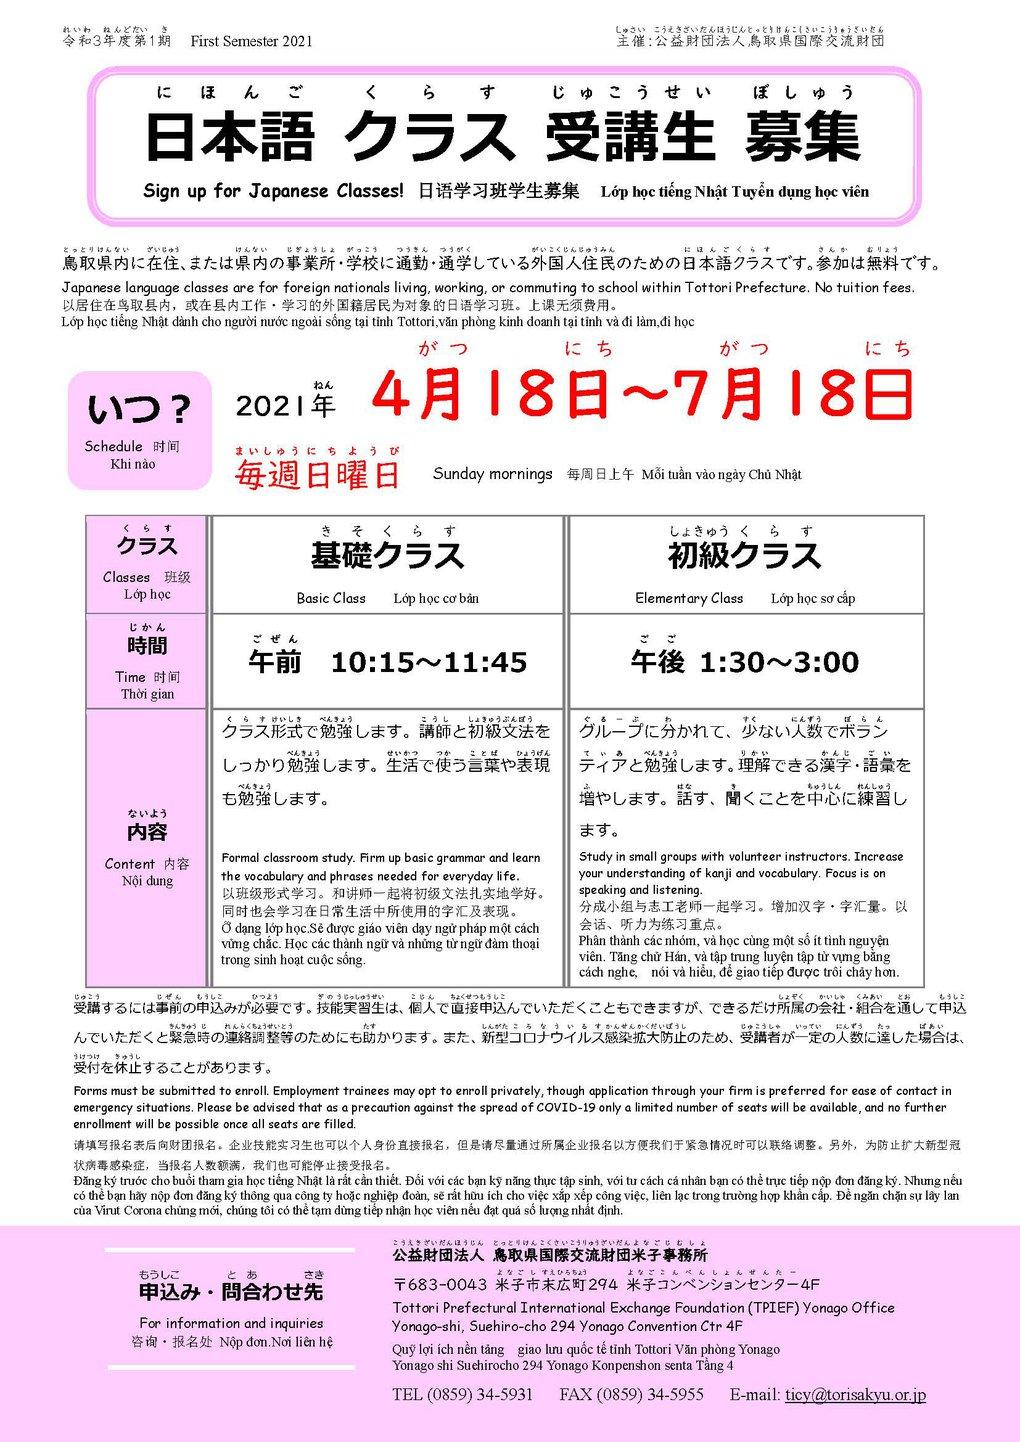 2021.1st West. Japanese class flyer 1.jpg